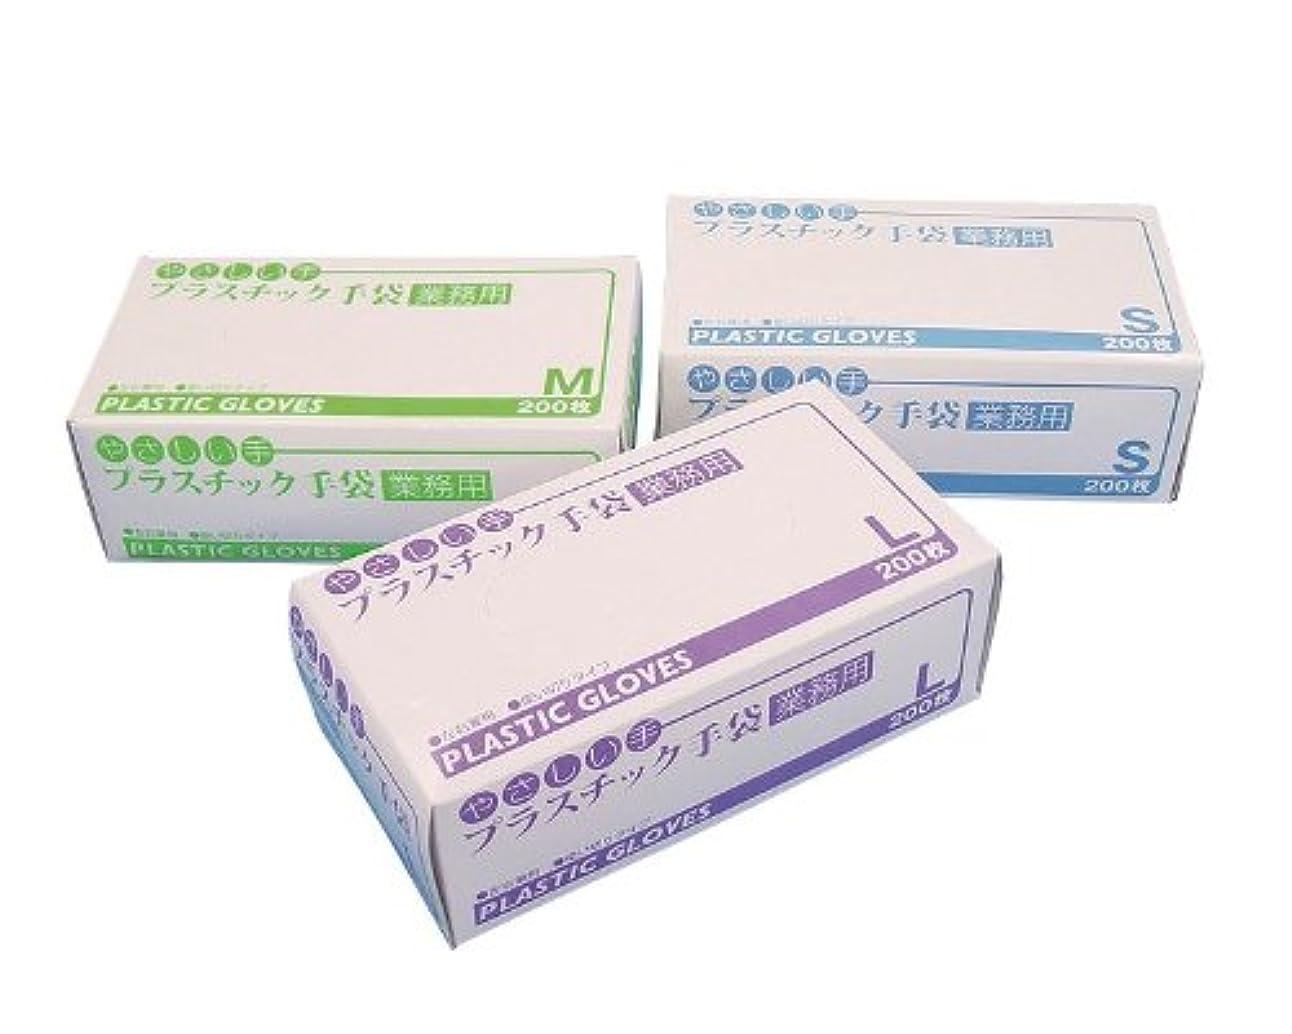 大学マージ弾薬やさしい手 プラスチック手袋 業務用 OM-460 200枚入/Lサイズ